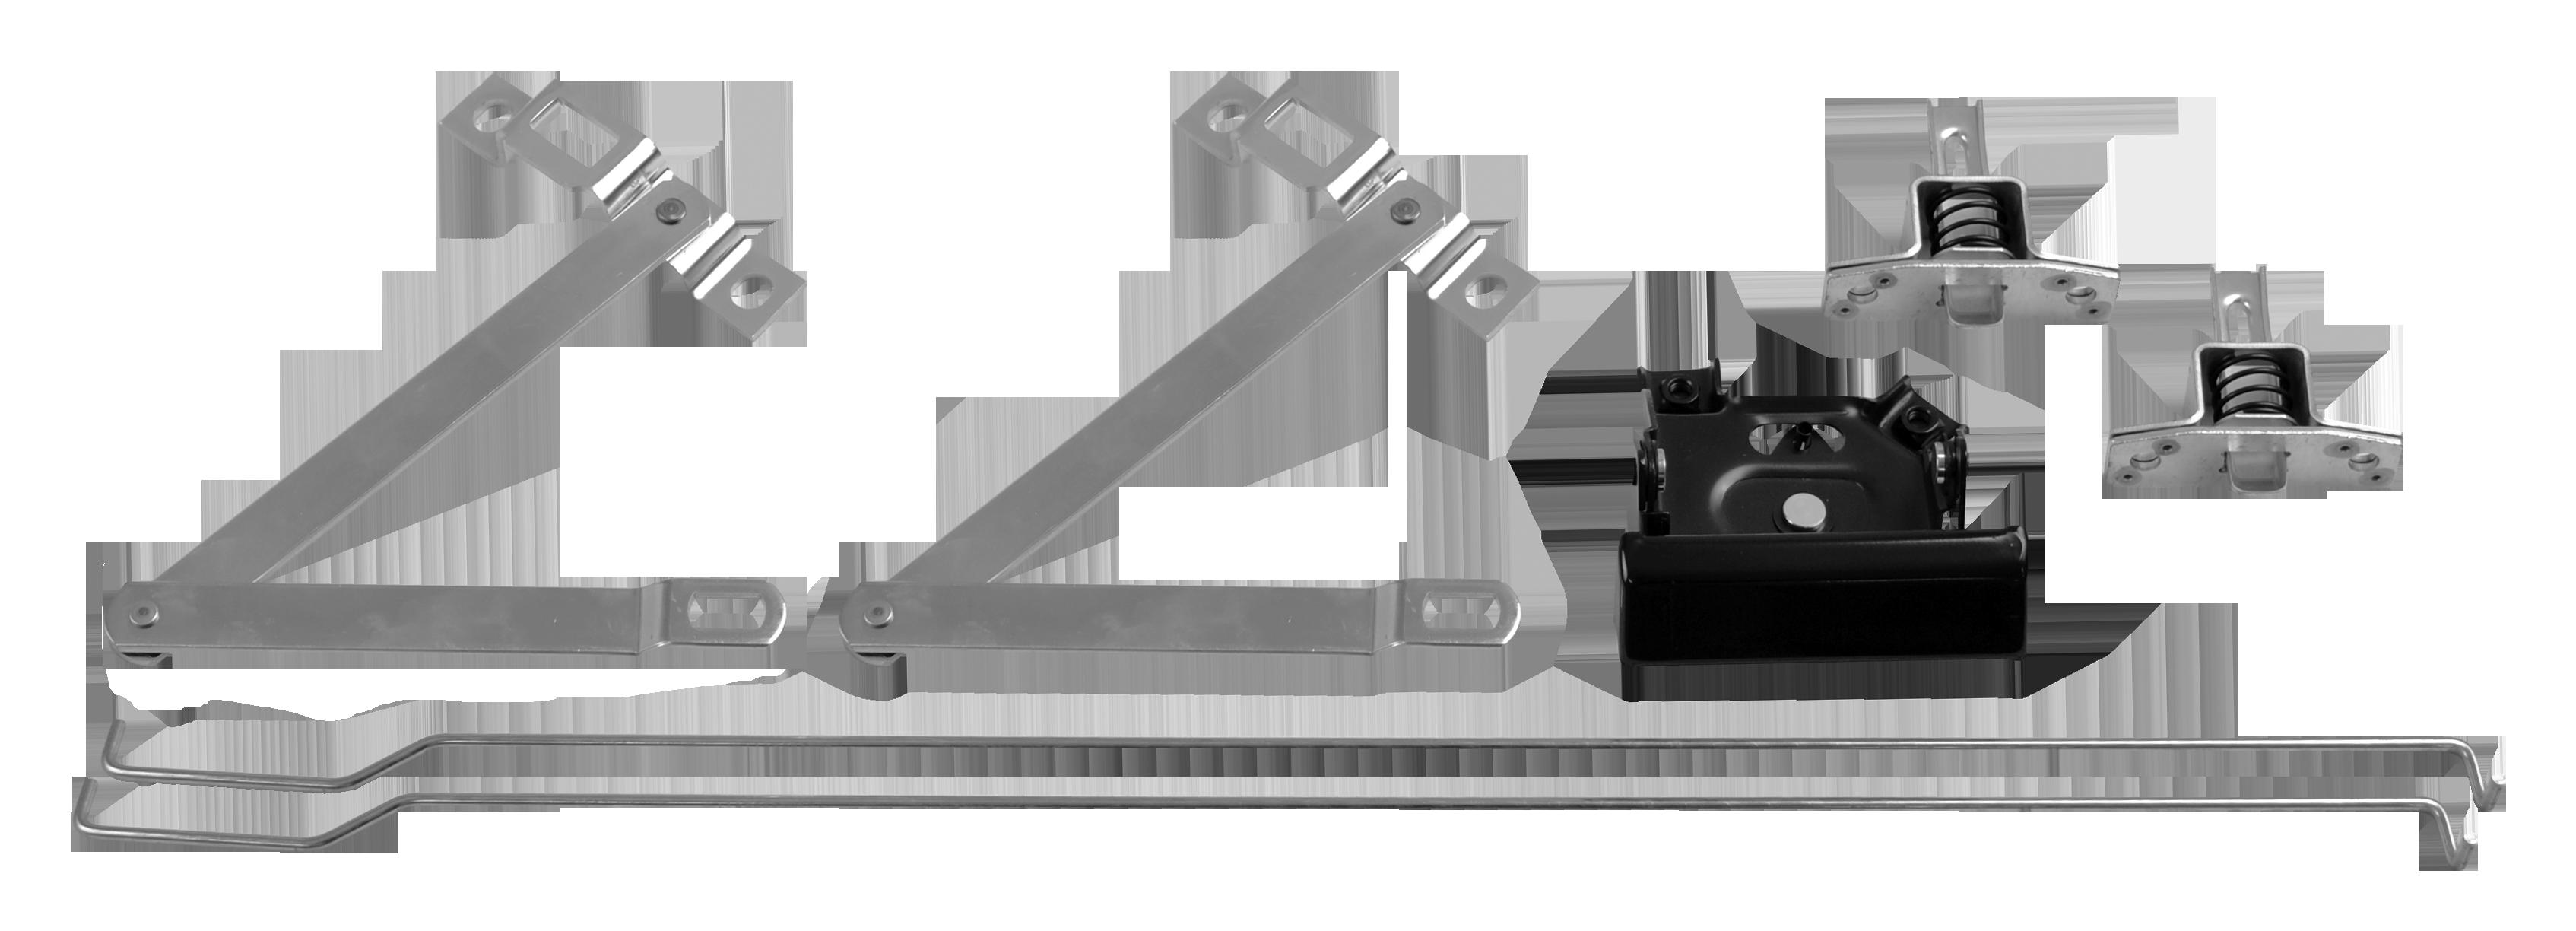 1967-72 C10 tailgate hardware kit 7 pcs